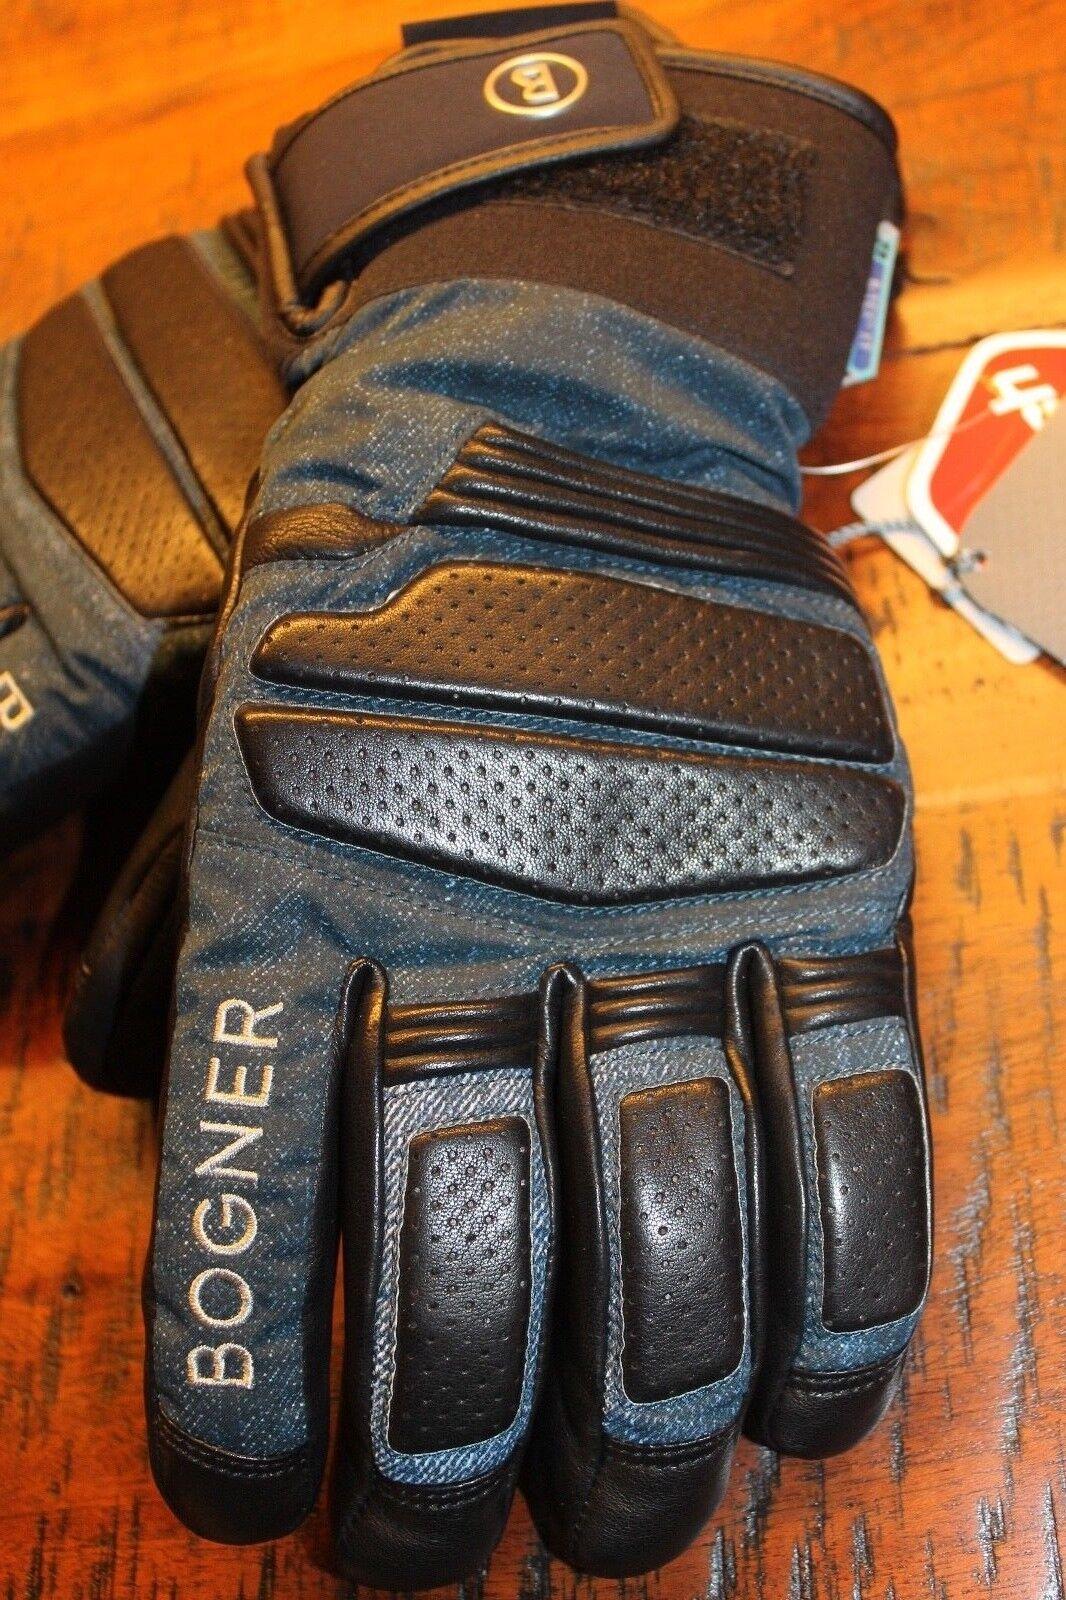 Bogner Agon Leder Handschuhe Jeans Blau Schwarz Größe 8 5 5 5 M Neu mit Etikett 10635e